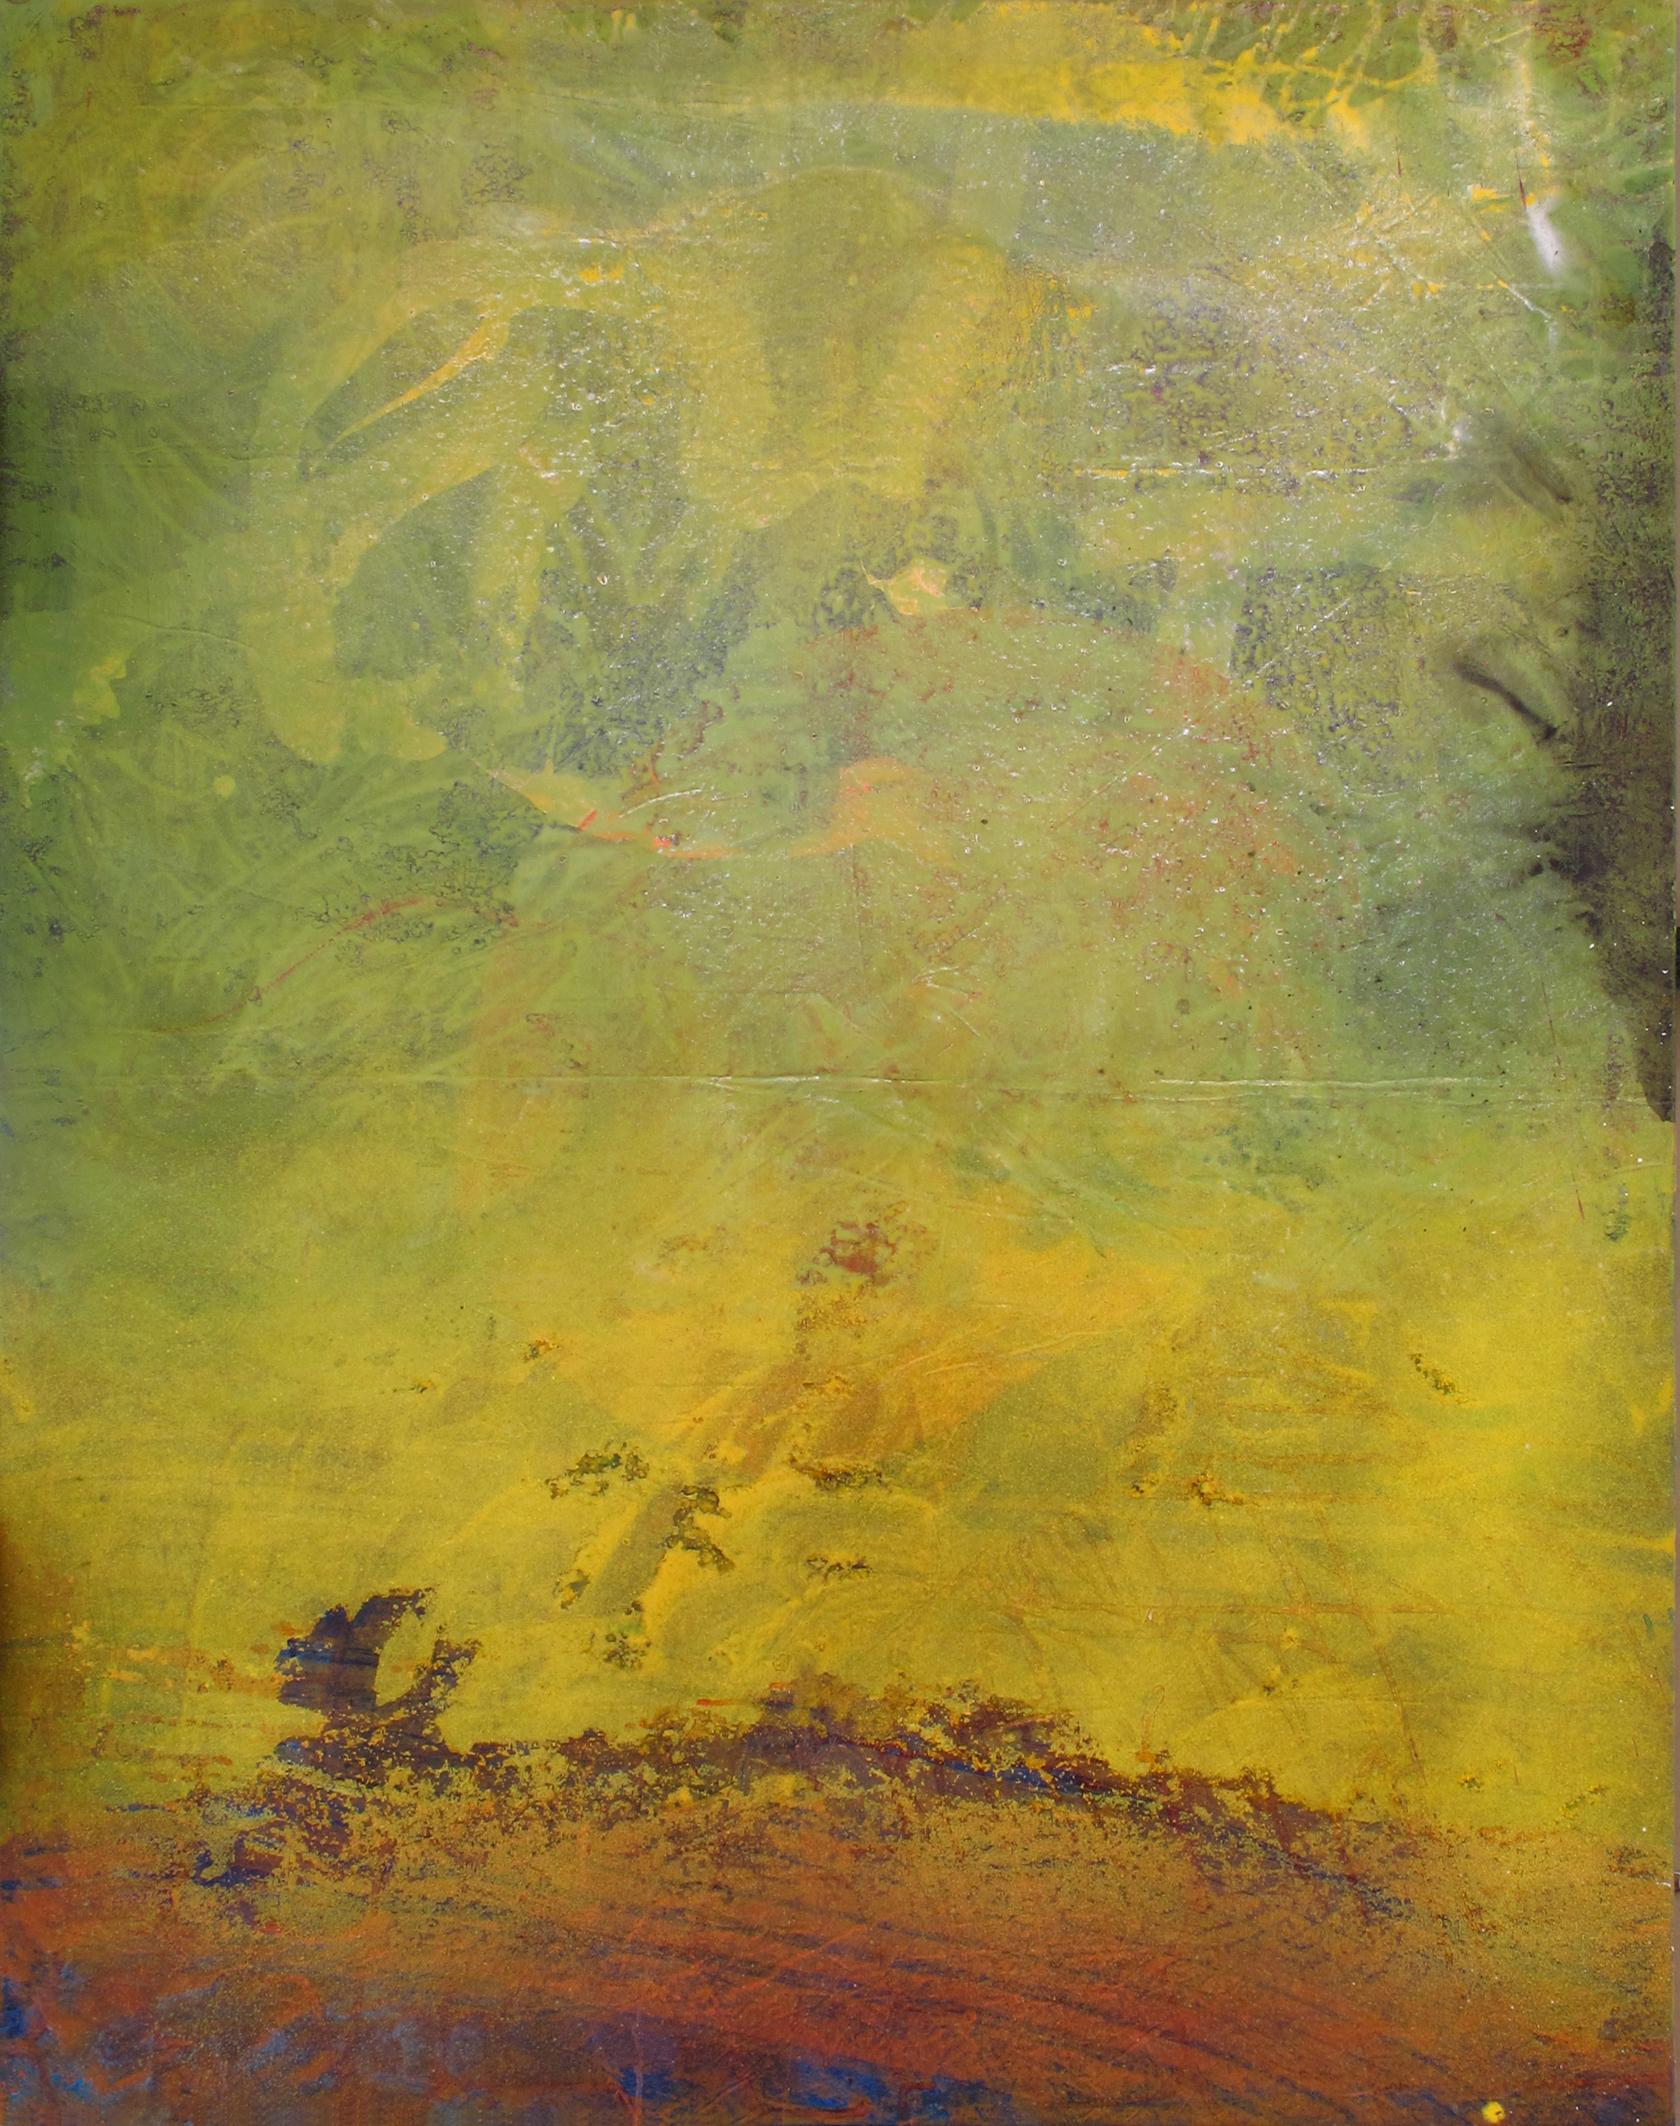 Sense títol,  pintura sobre tela, 165 x 135 centímetres, 2007